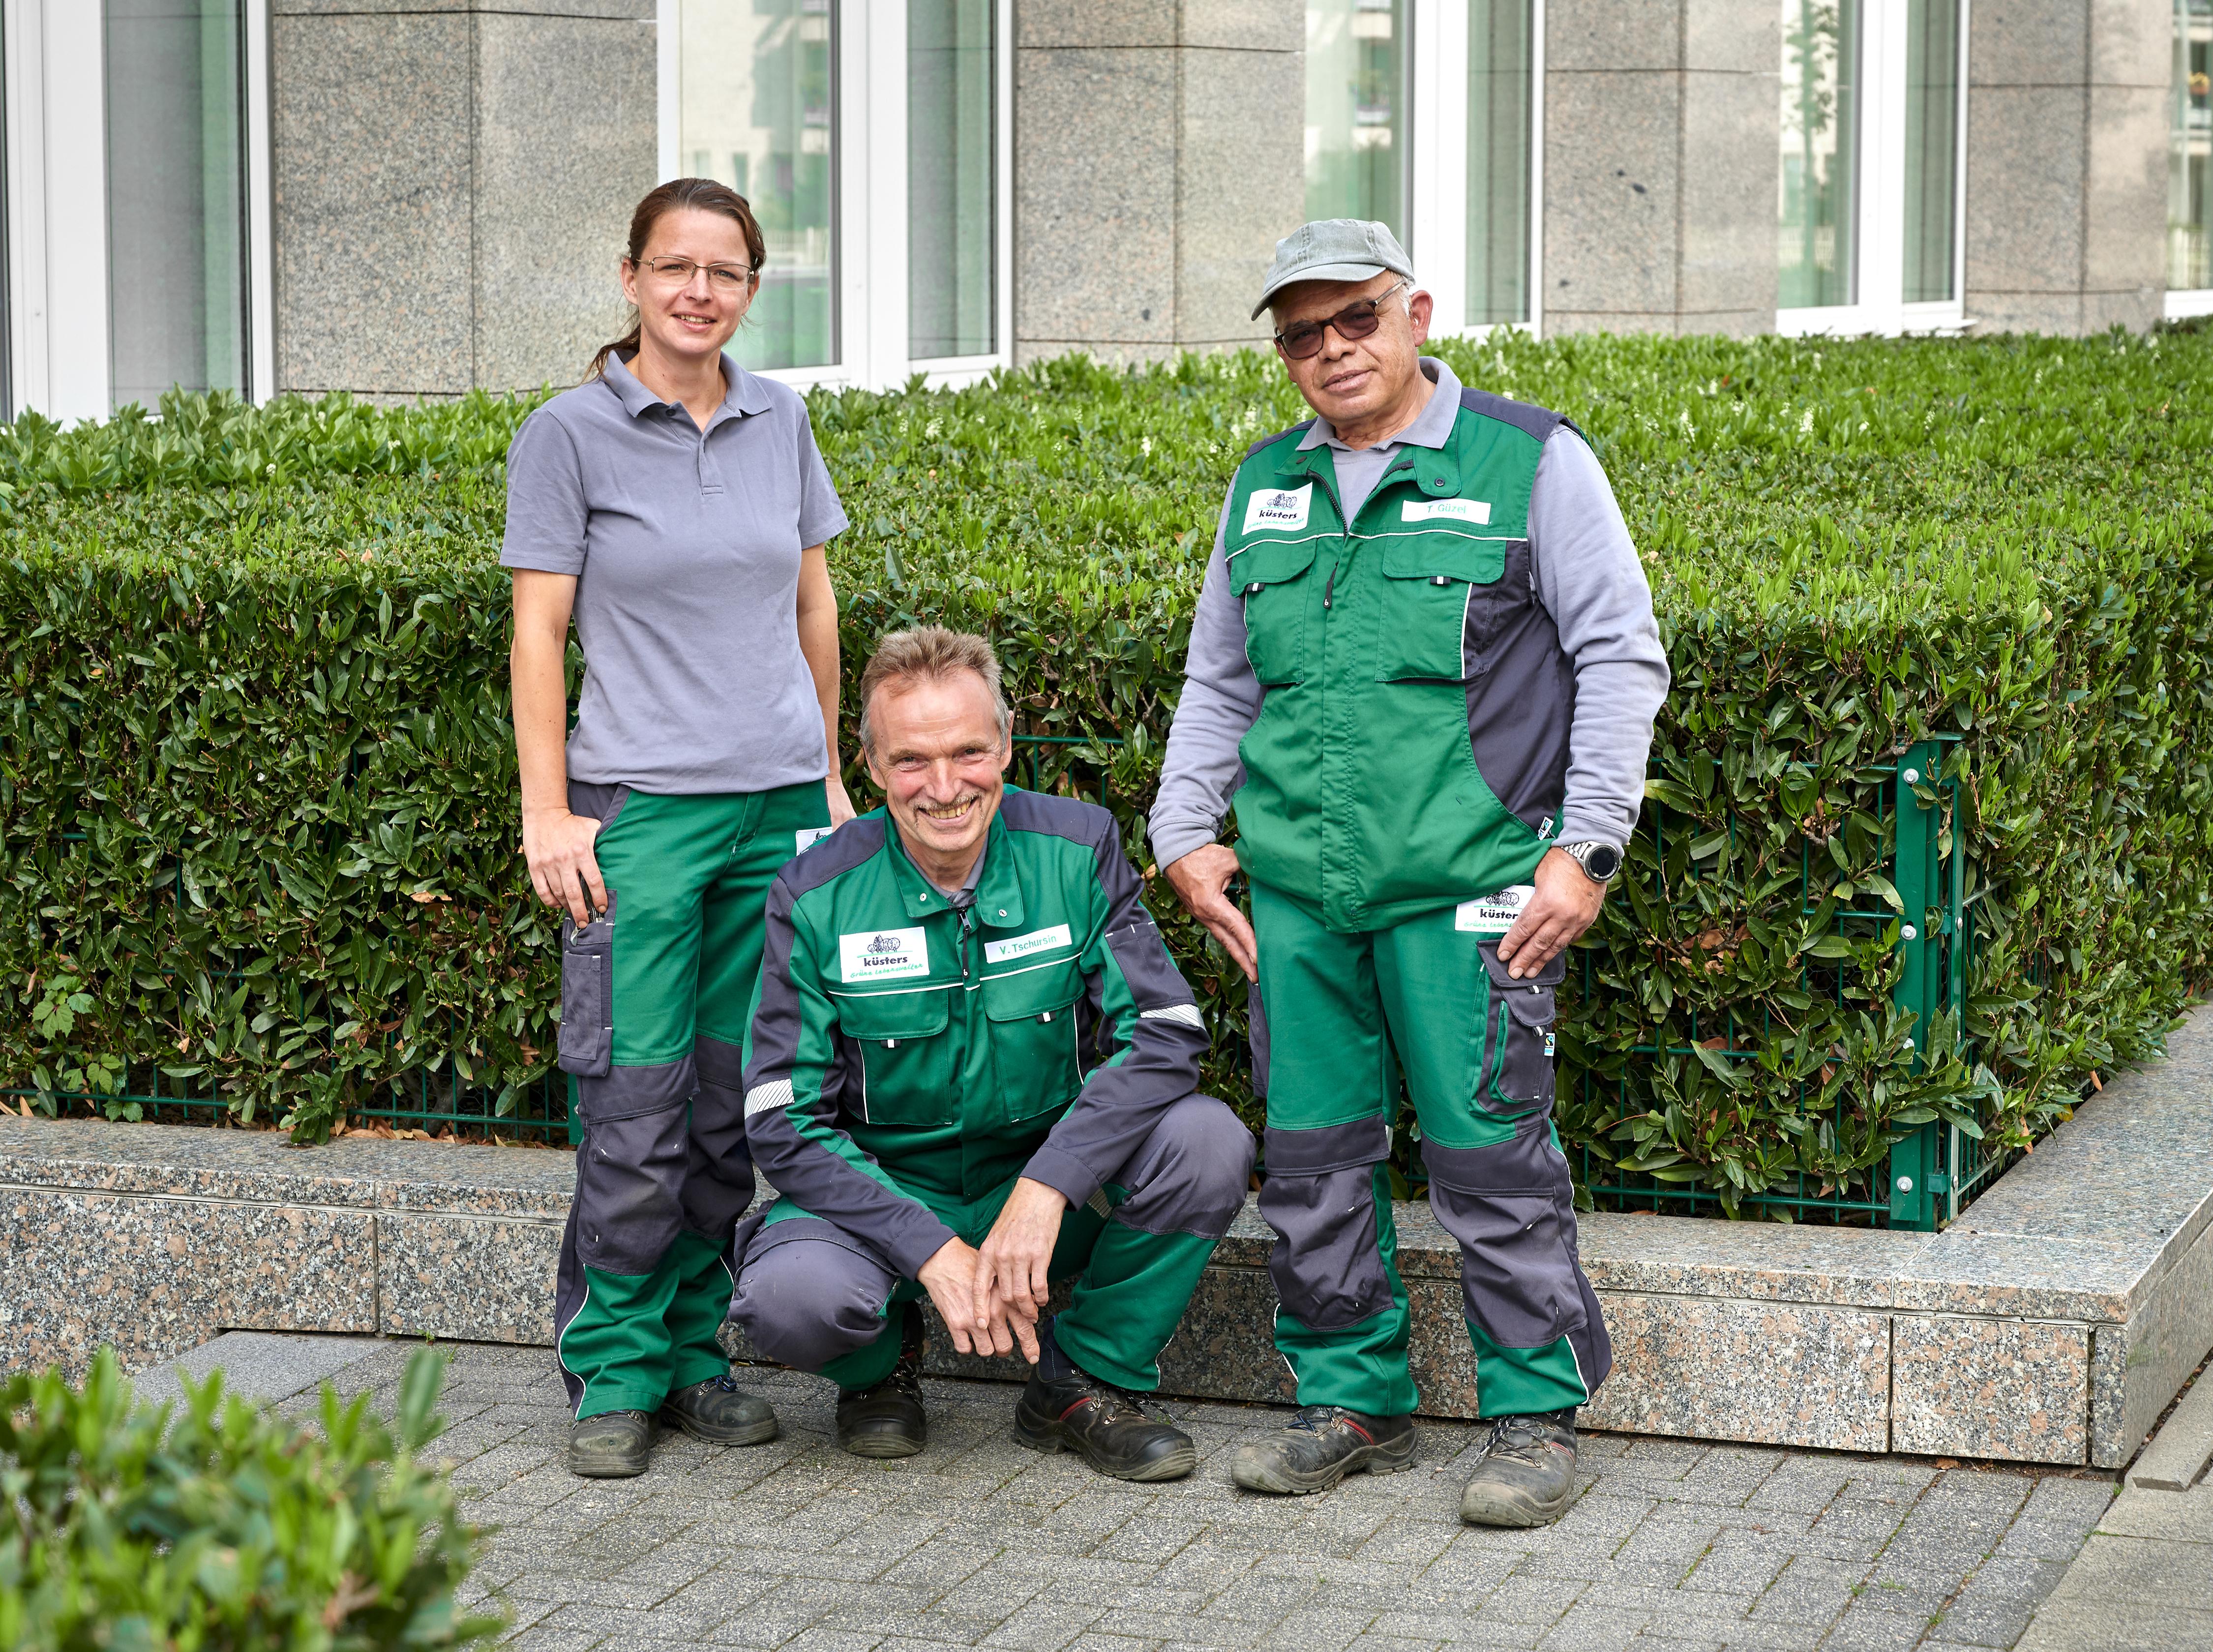 Immer saubere Arbeitskleidung - Gartenhof Küsters